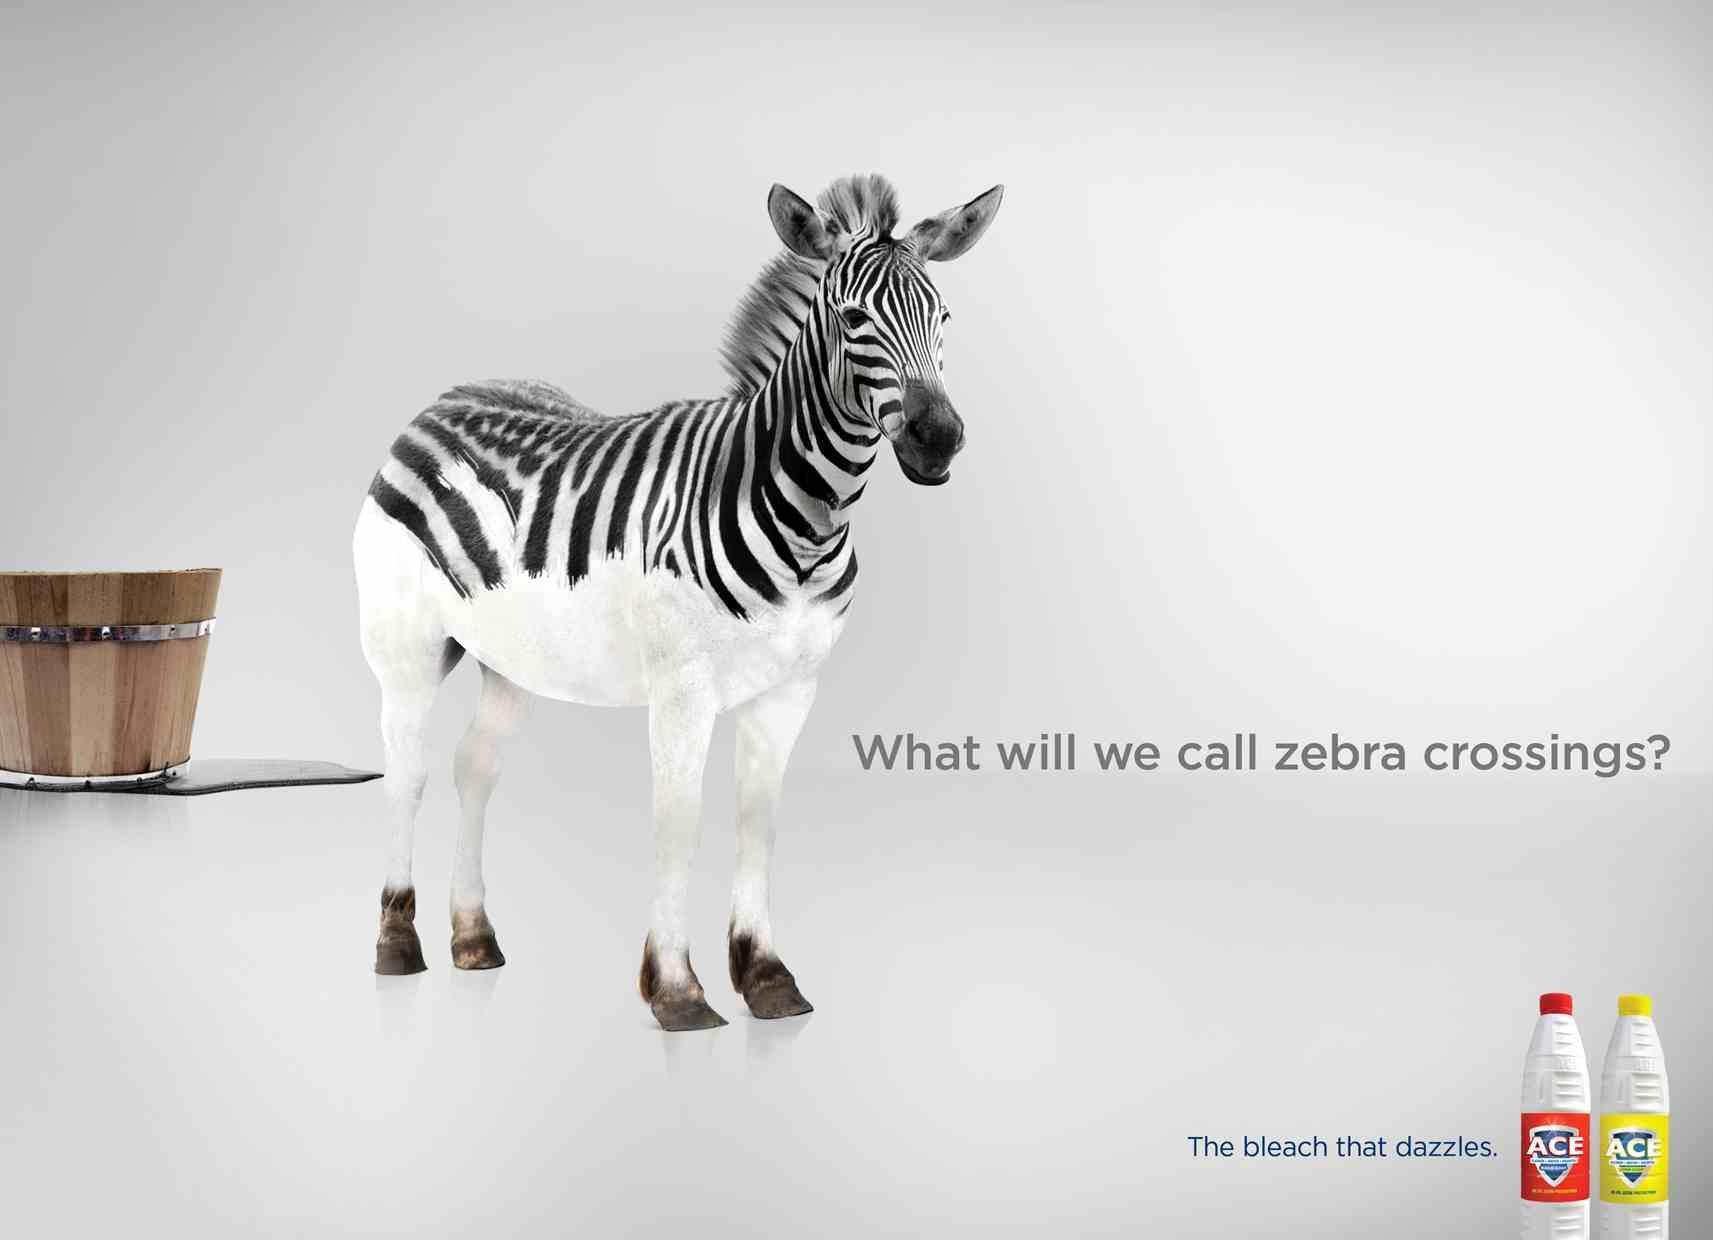 Reklamy Wybielaczy Sa Praktycznie Takie Same Ace Uznalo Ze Nie Warto Pokazywac Jak Dziala Ich Wybielacz Bo Dziala Tak Jak In Bleach Print Advertising Zebra